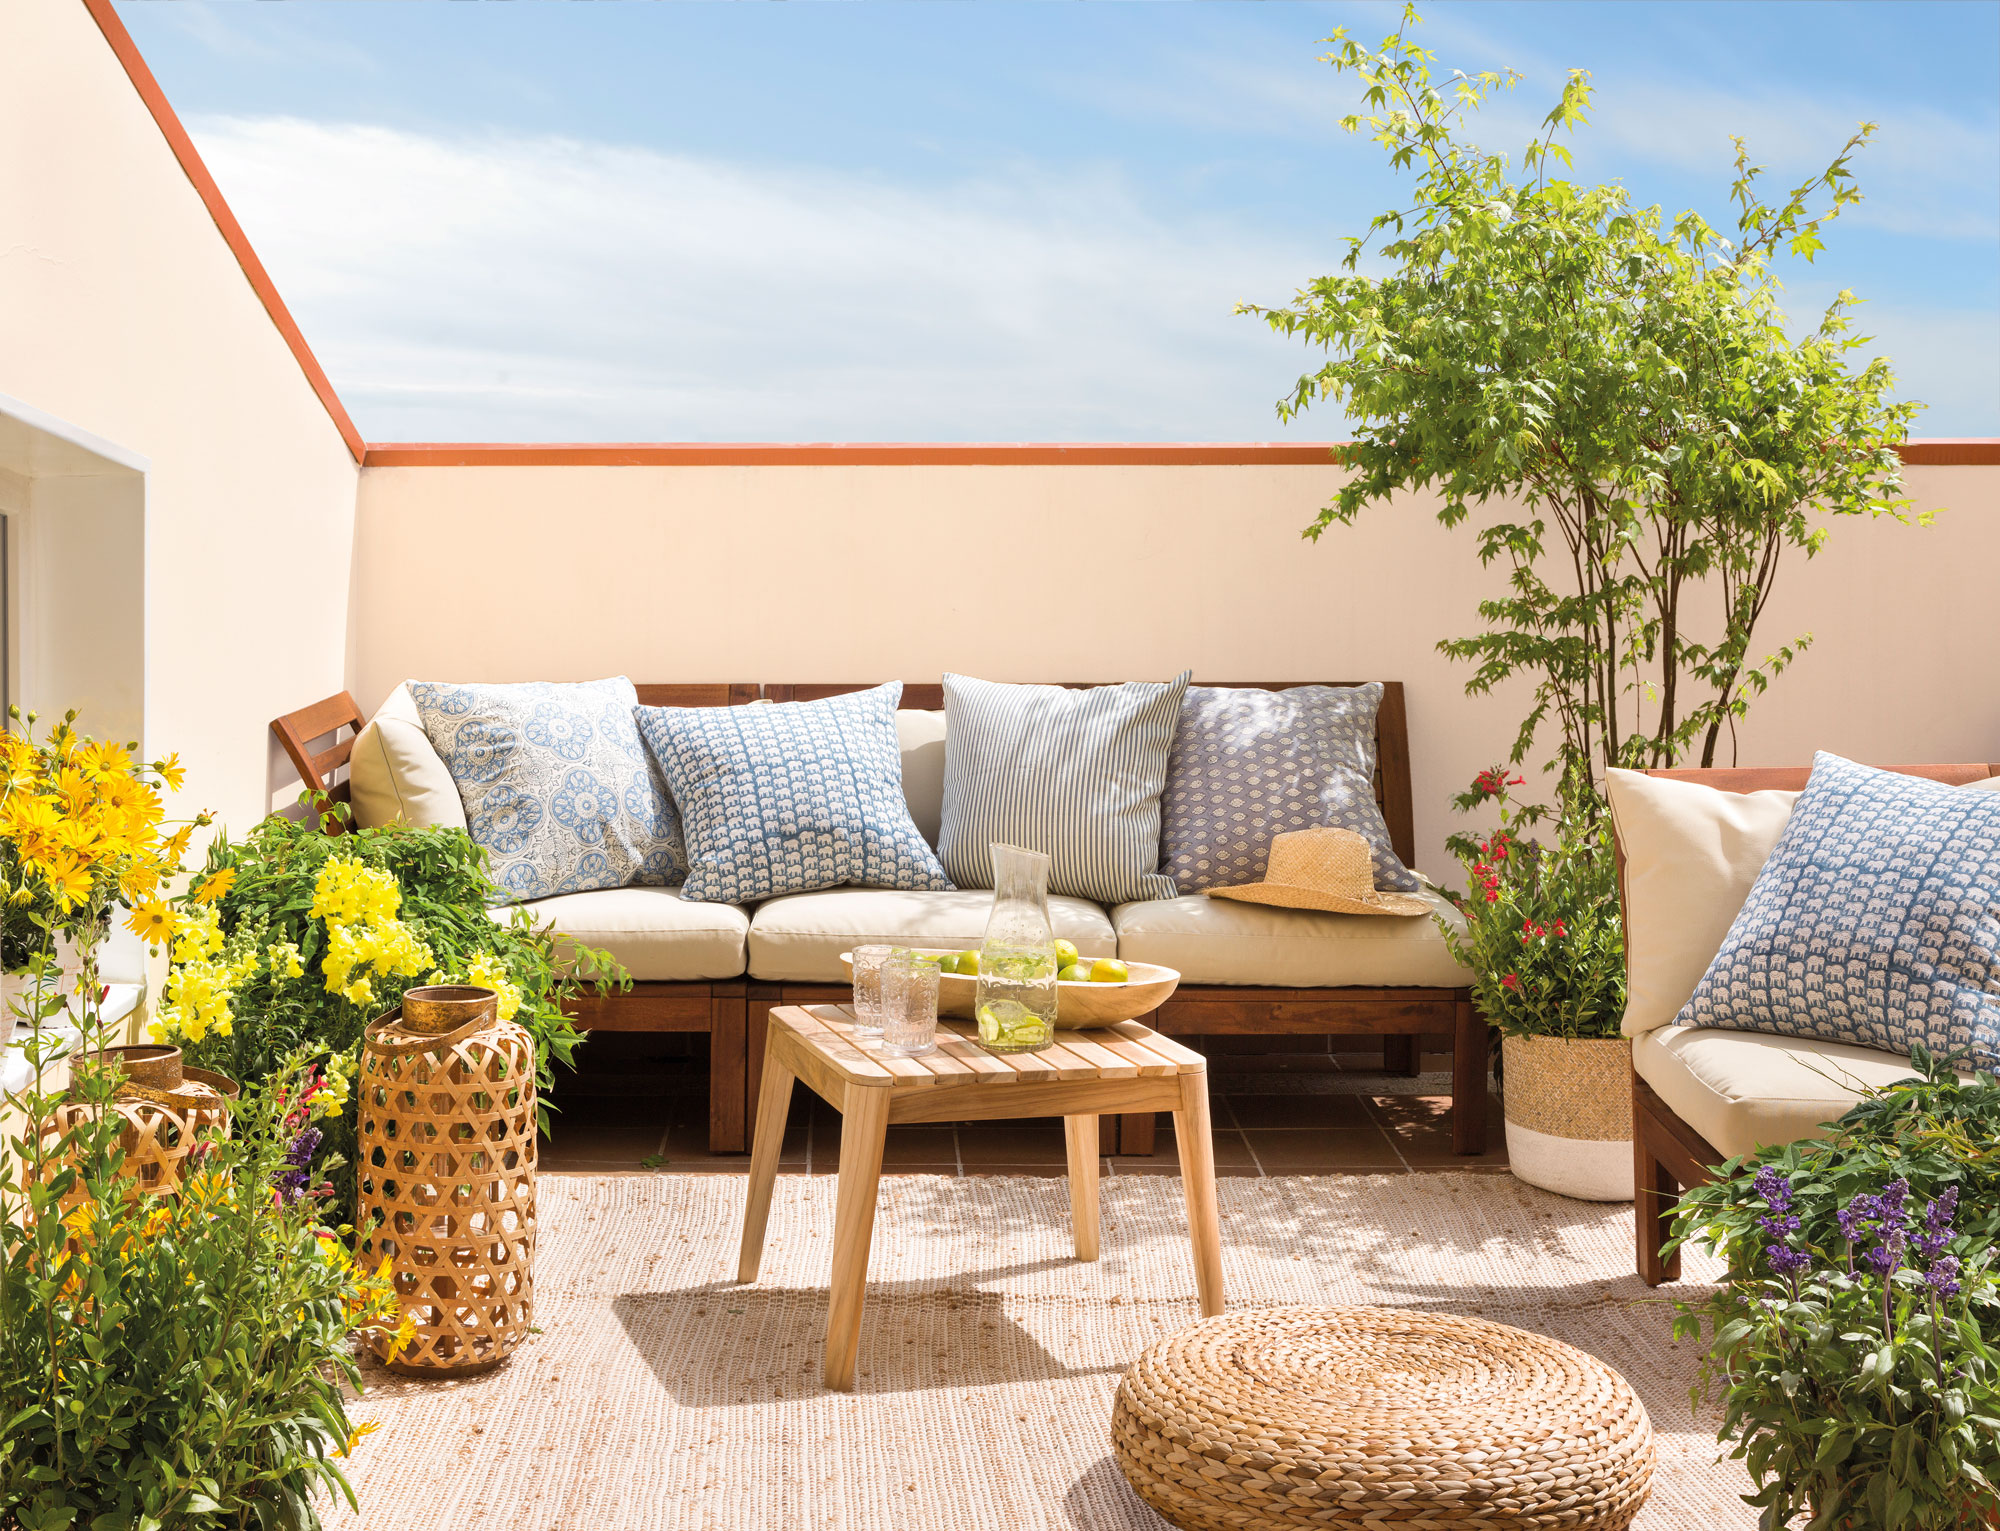 414 fotos de terrazas for Sofas para terrazas pequenas